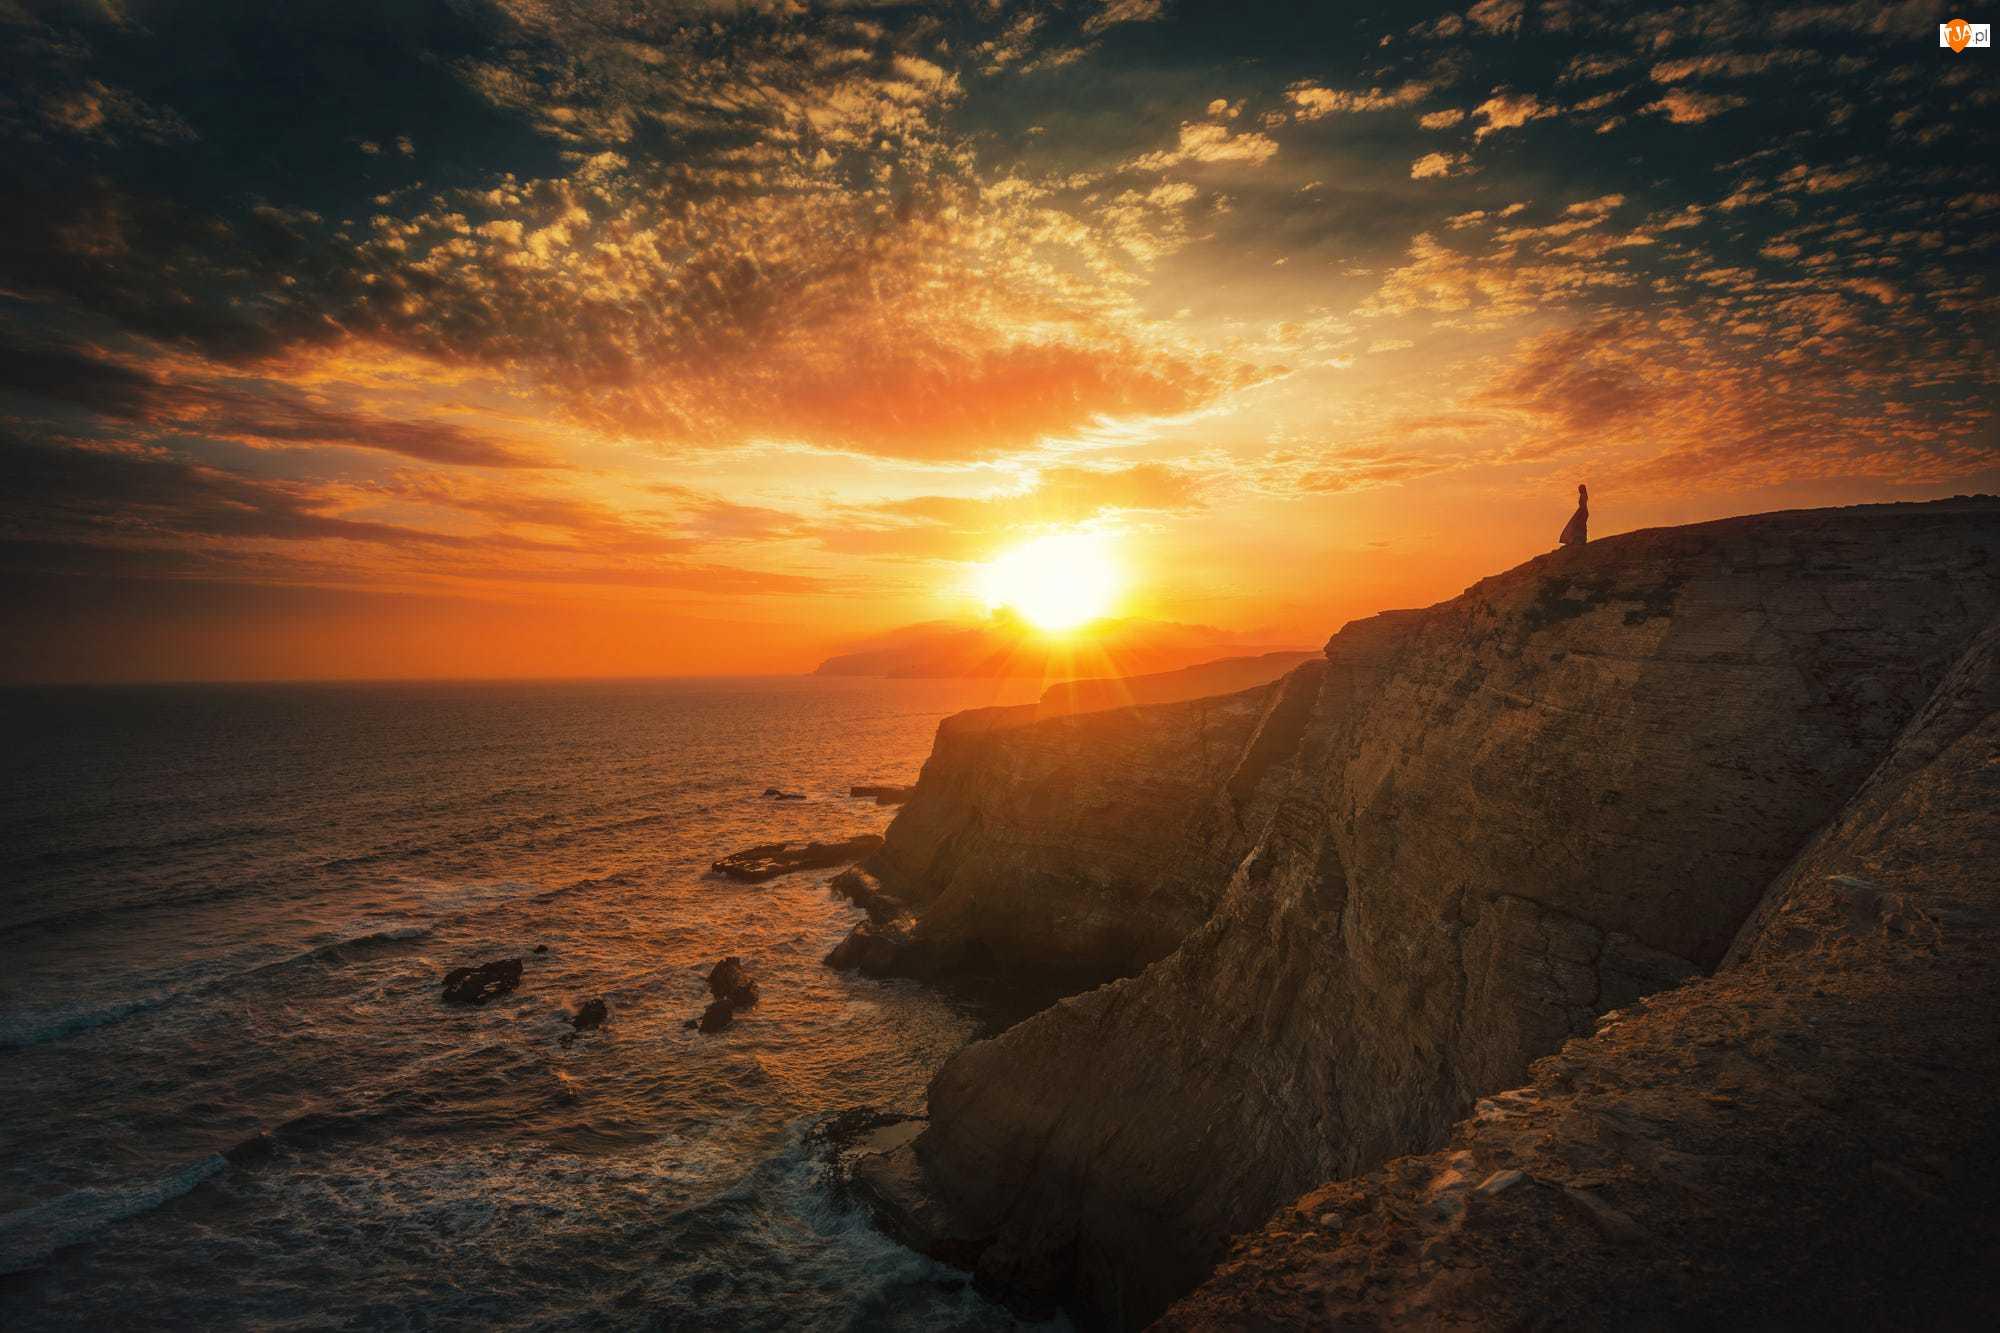 Zachód słońca, Morze, Rezerwat Narodowy, Skała, Peru, Kobieta, Paracas, Ocean Spokojny